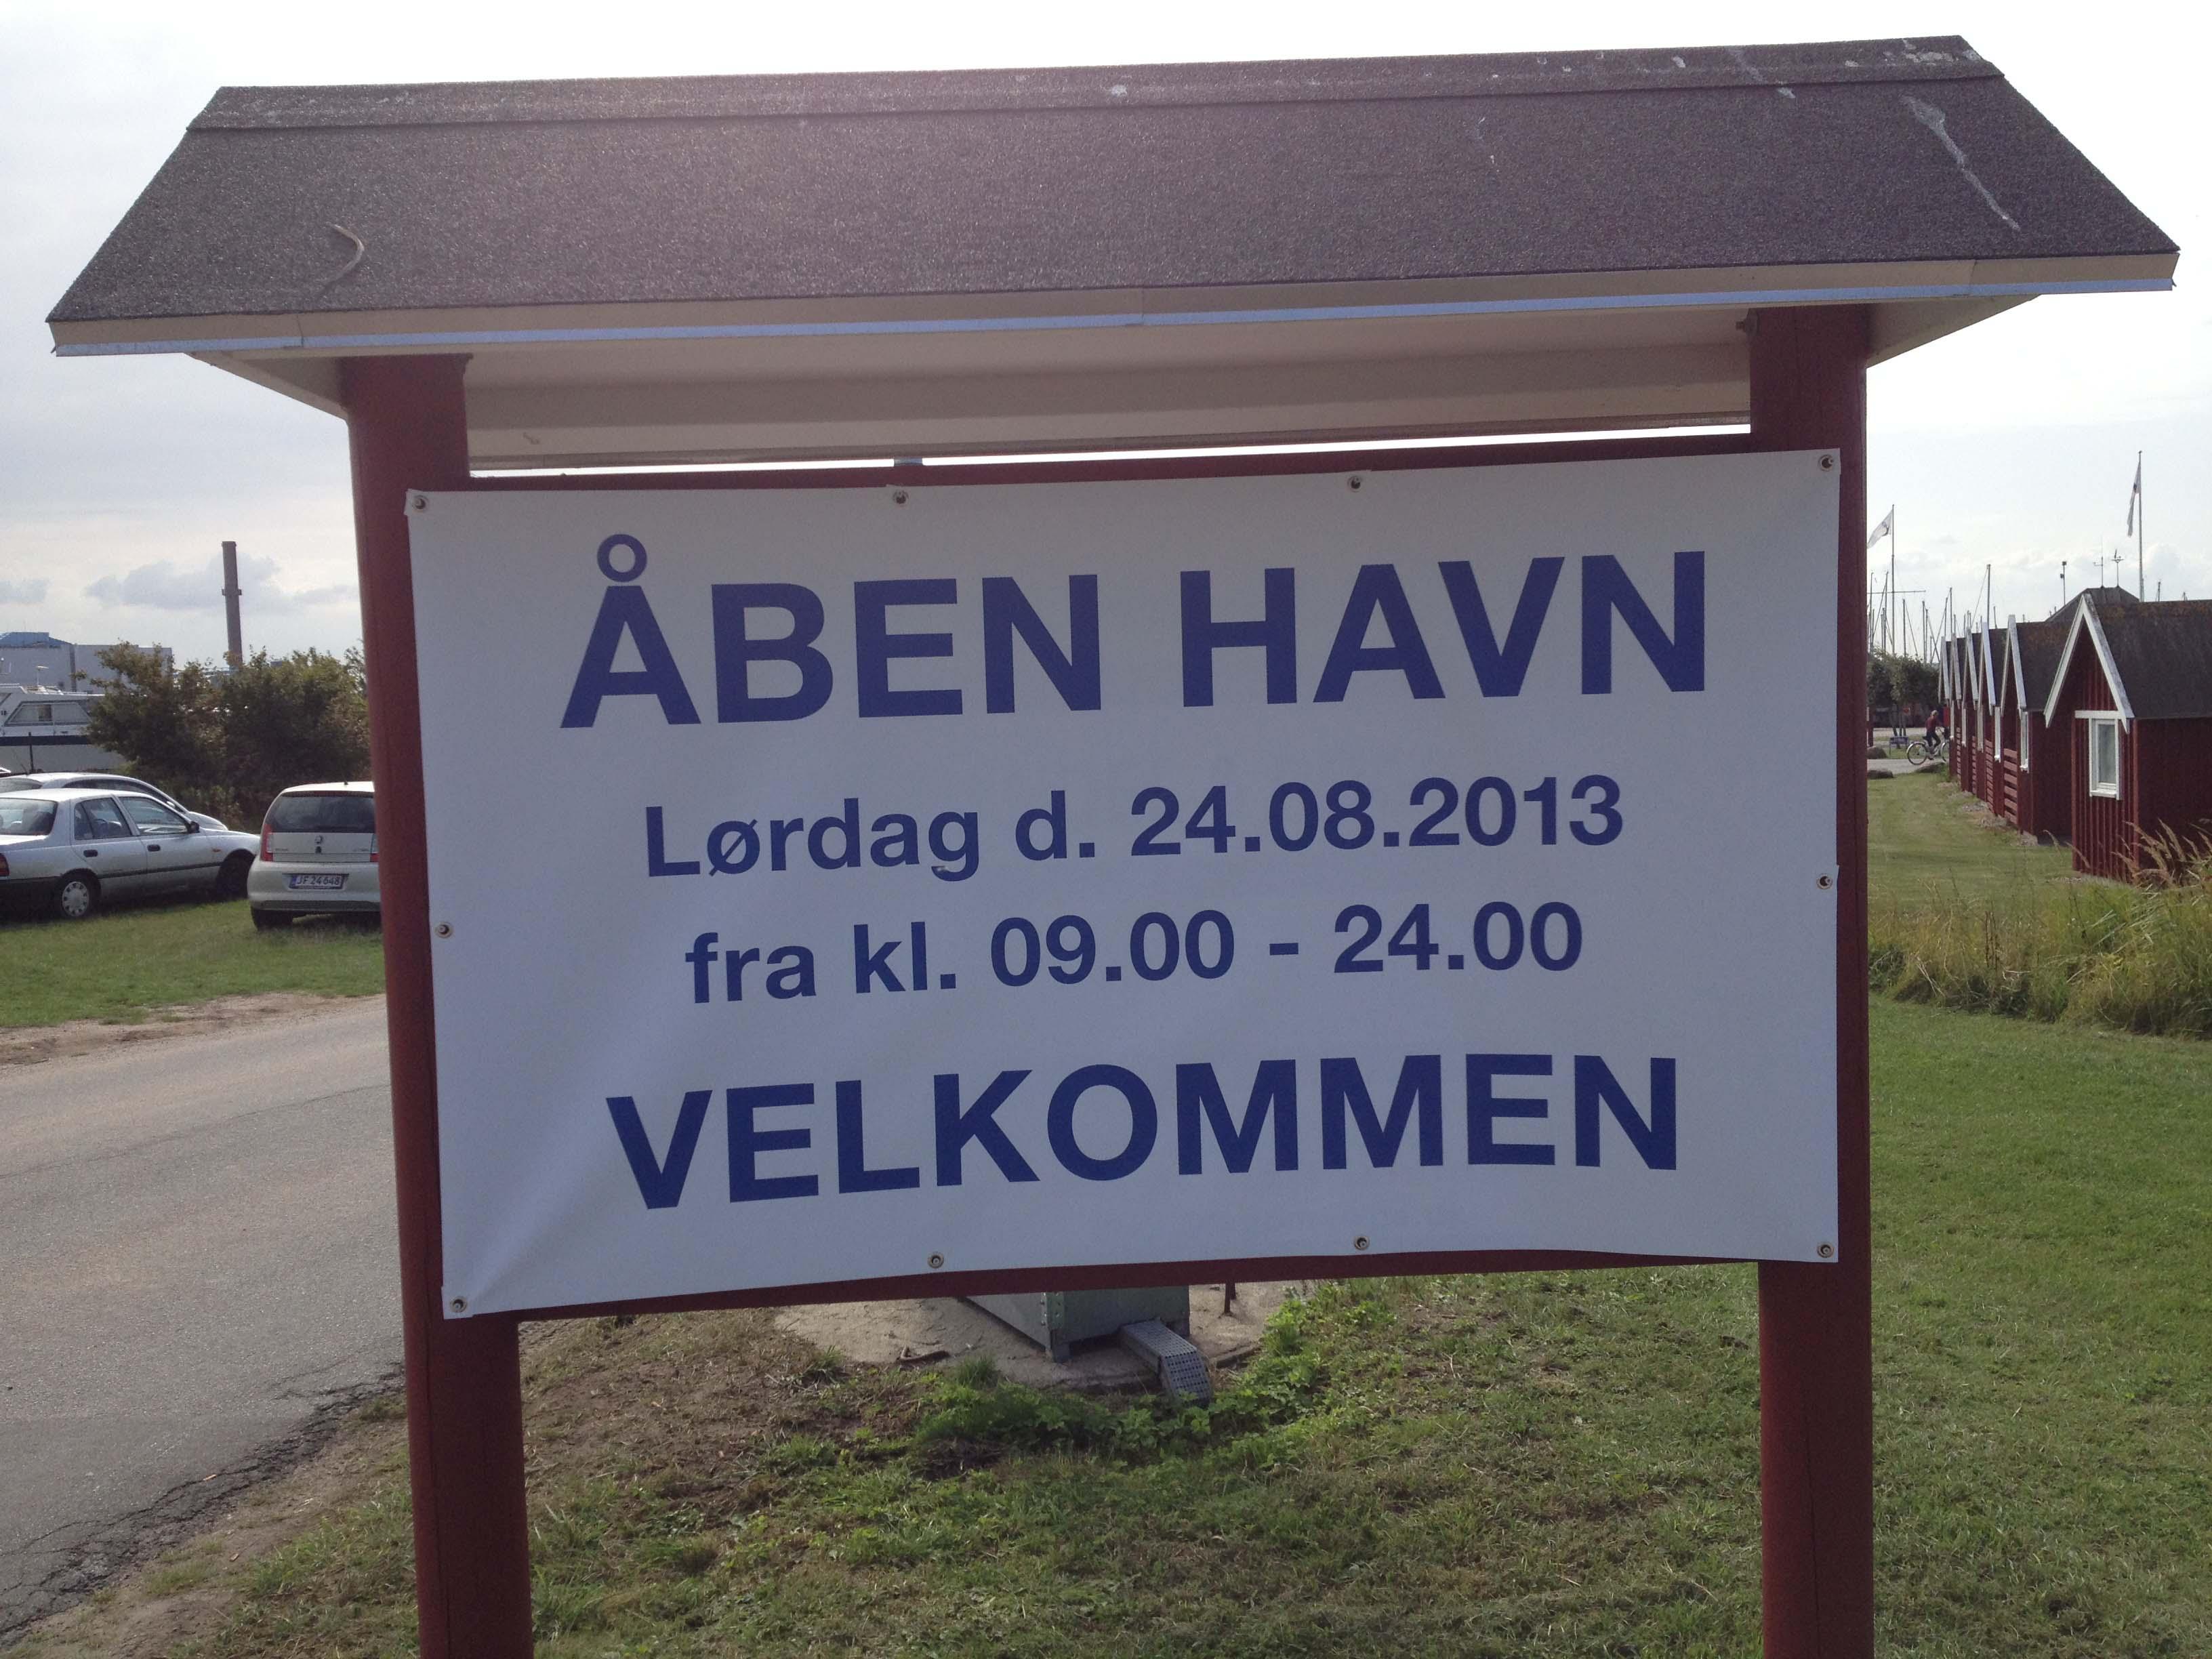 banner havn